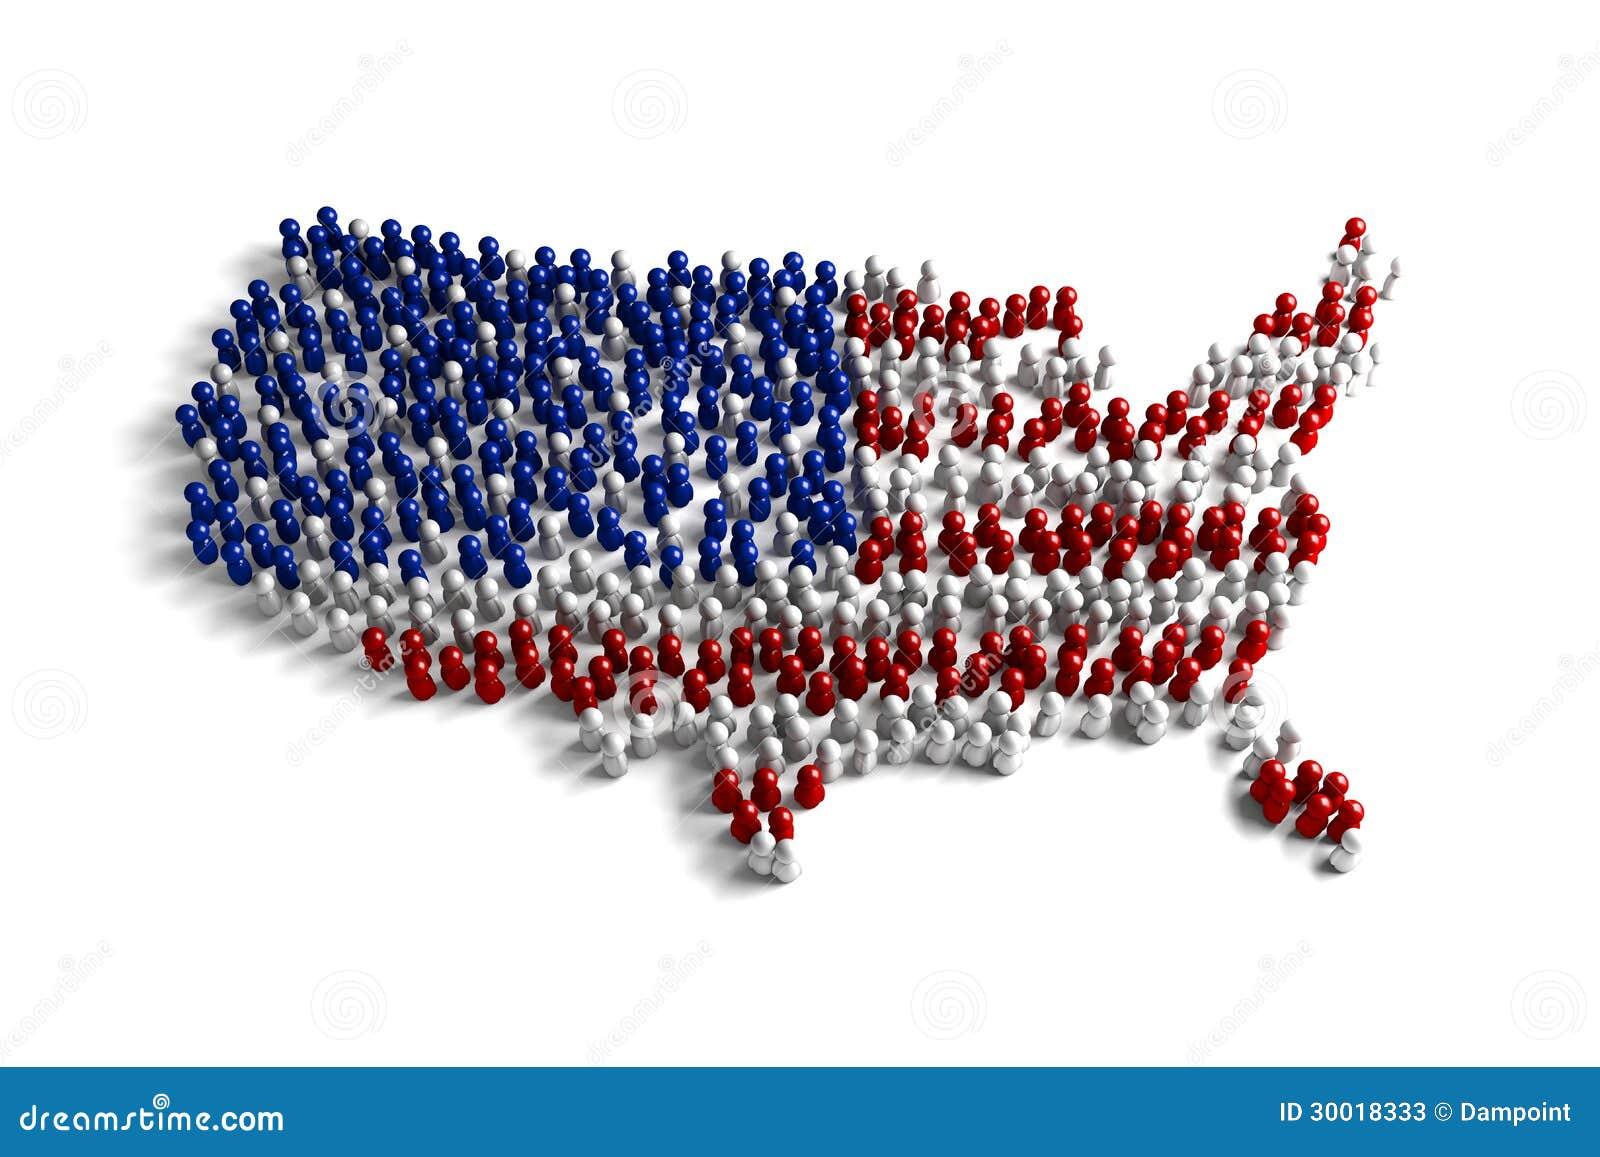 美国的人口有多少